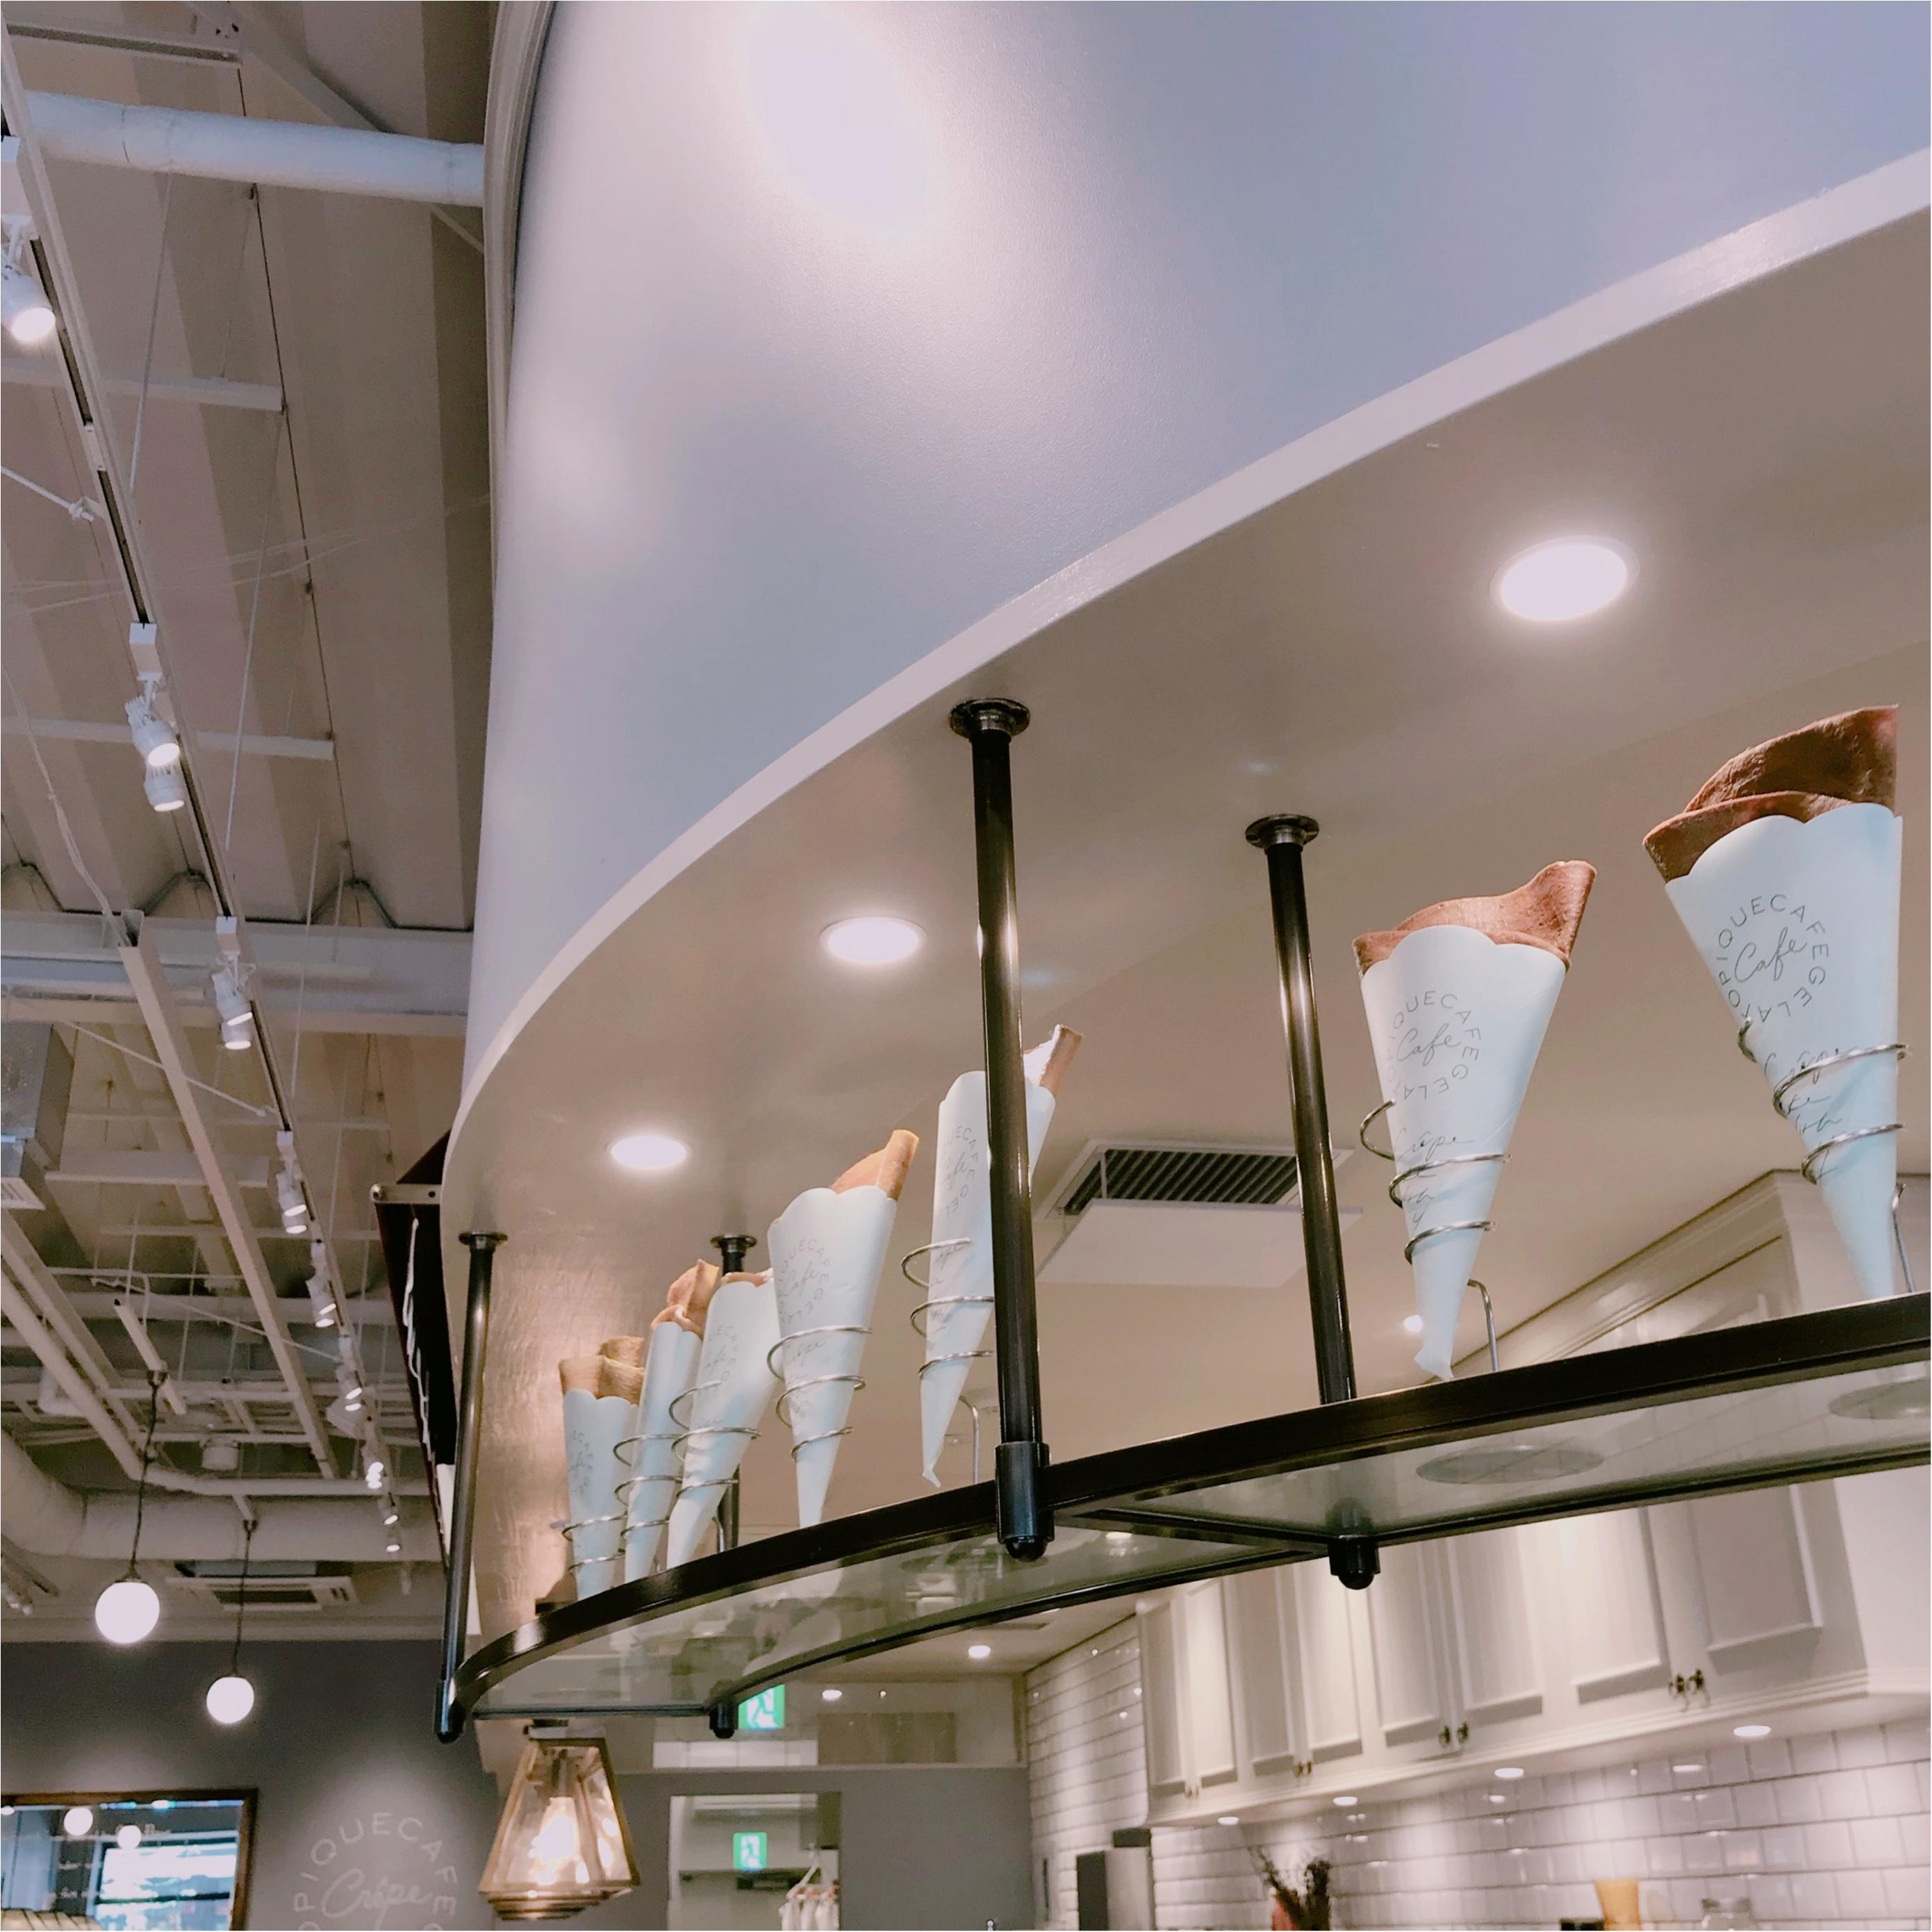 ご当地カフェ❤︎木更津に行ったら絶対行くべきカフェ3選を紹介します!_2